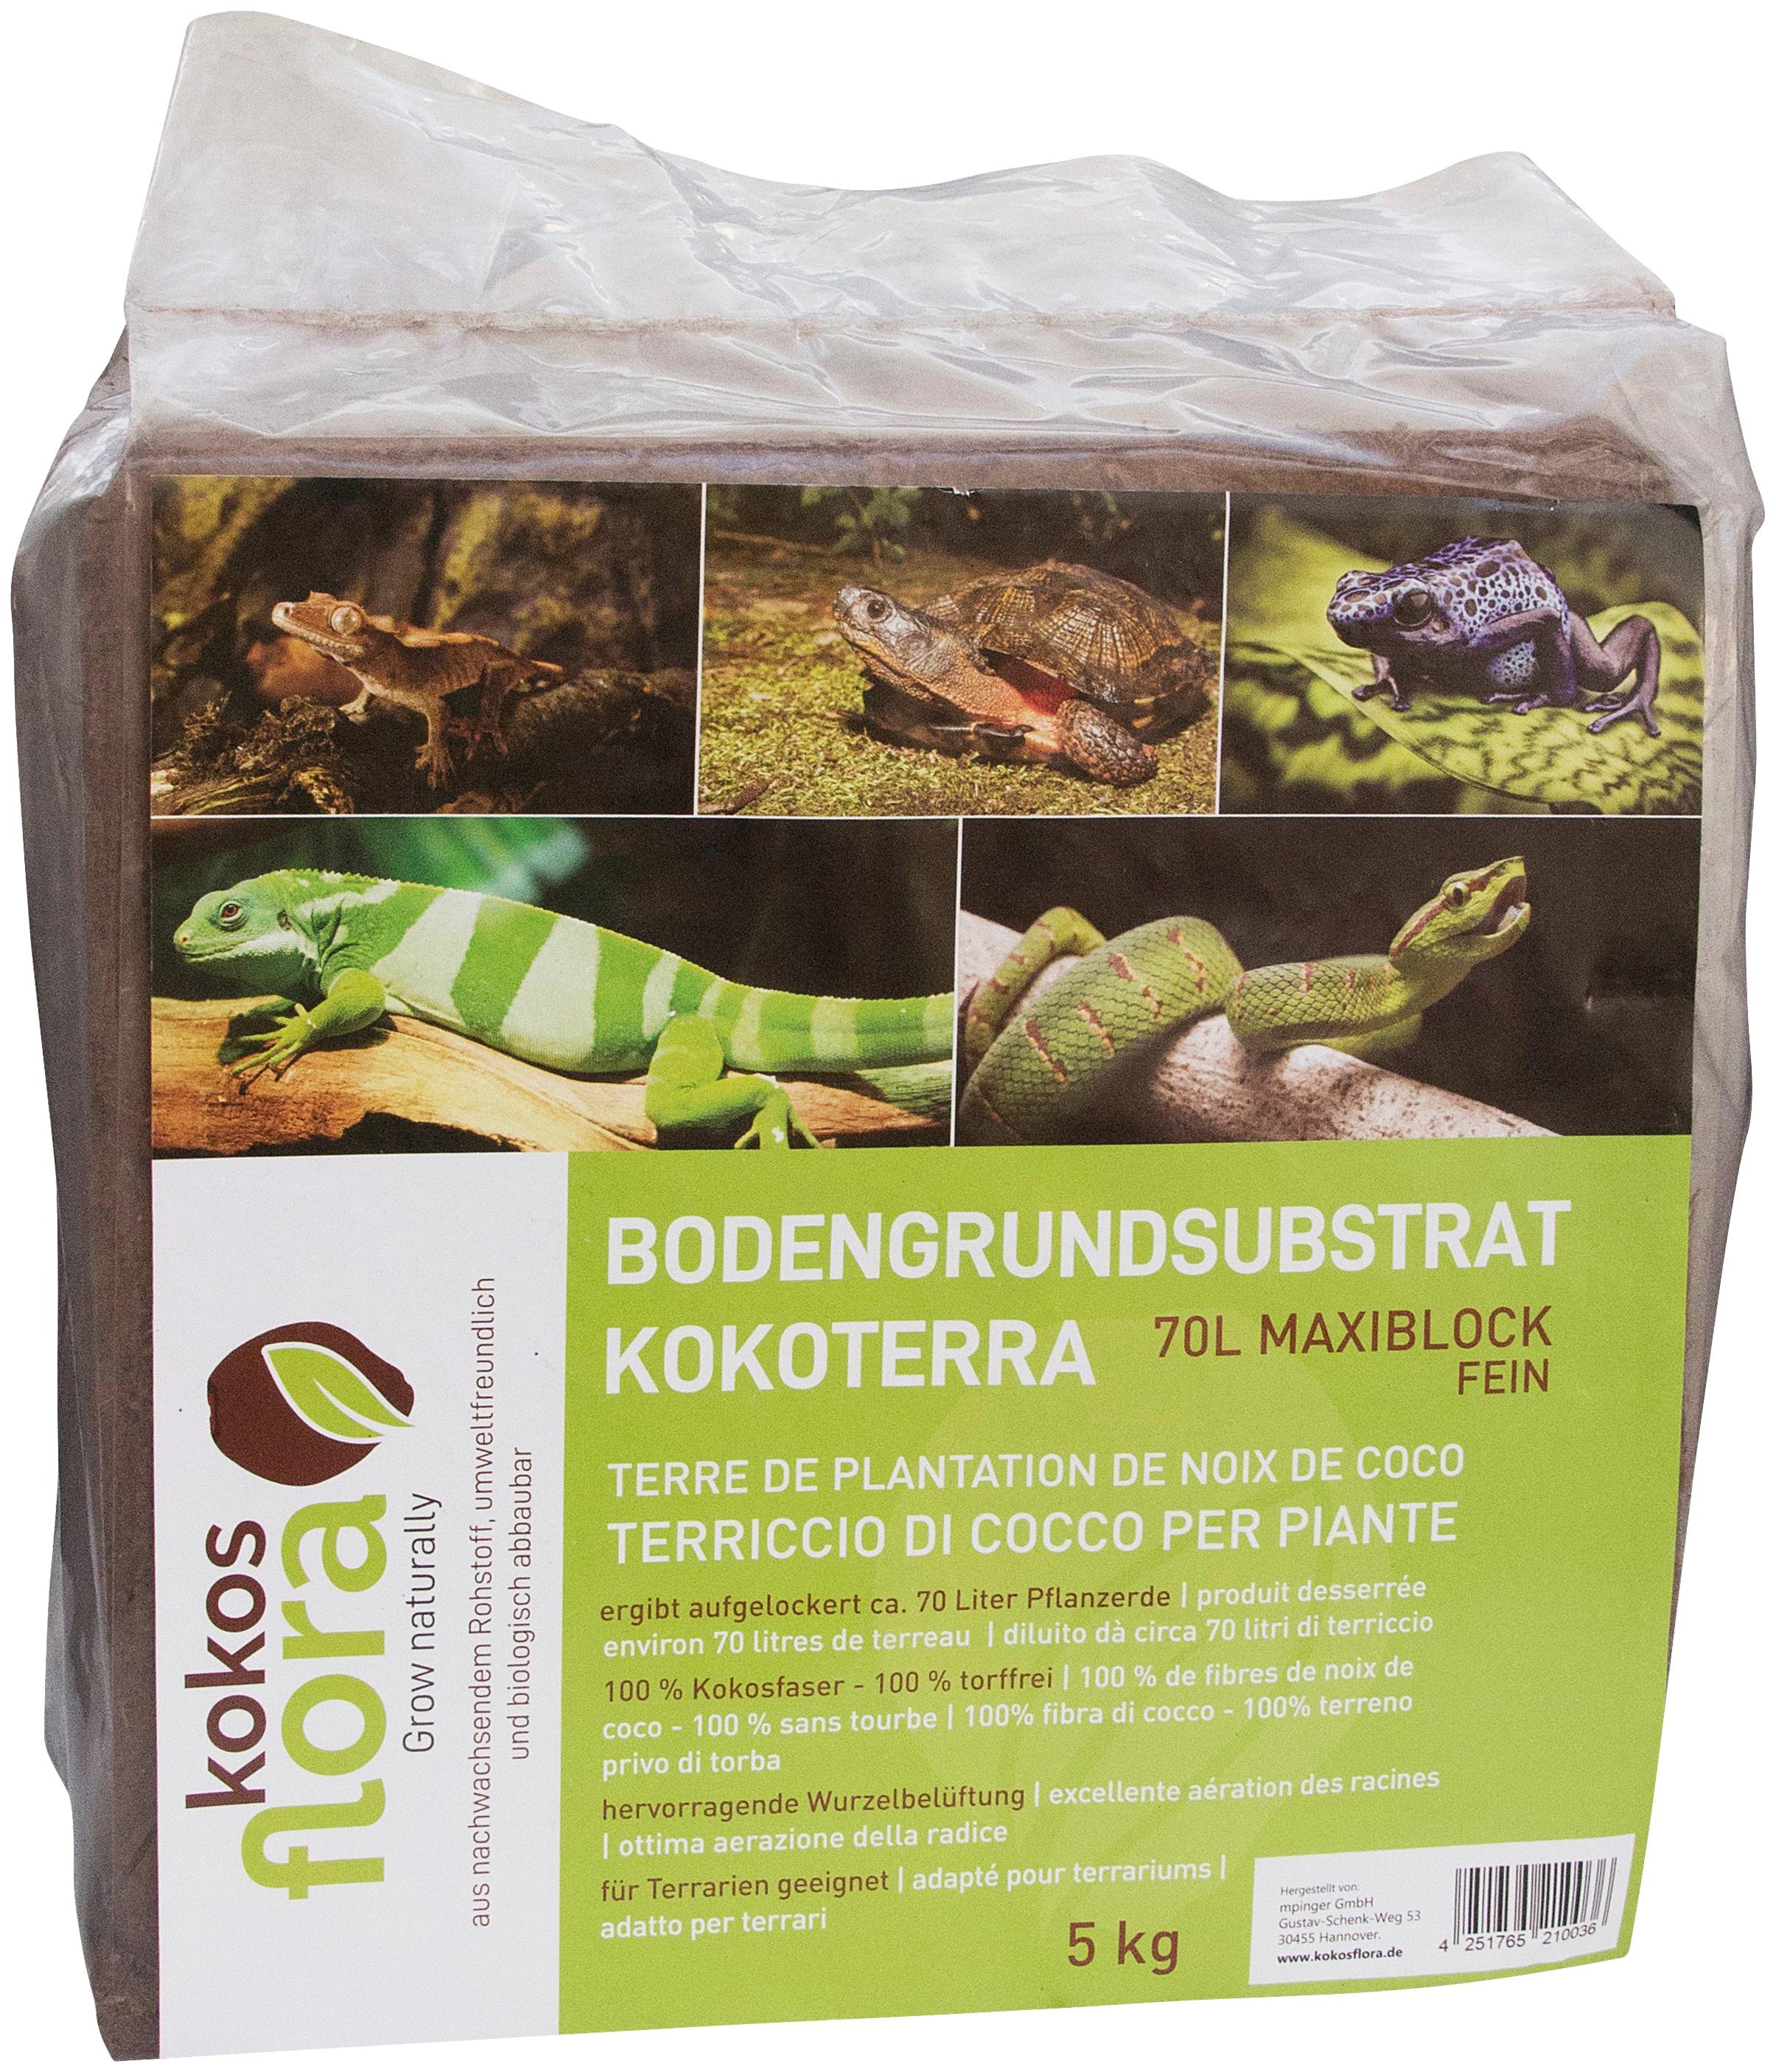 Floragard Pflanzerde Kokosflora Kokoterra, Maxi Block fein, ergibt aufgelockert 70 Liter braun Zubehör Pflanzen Garten Balkon